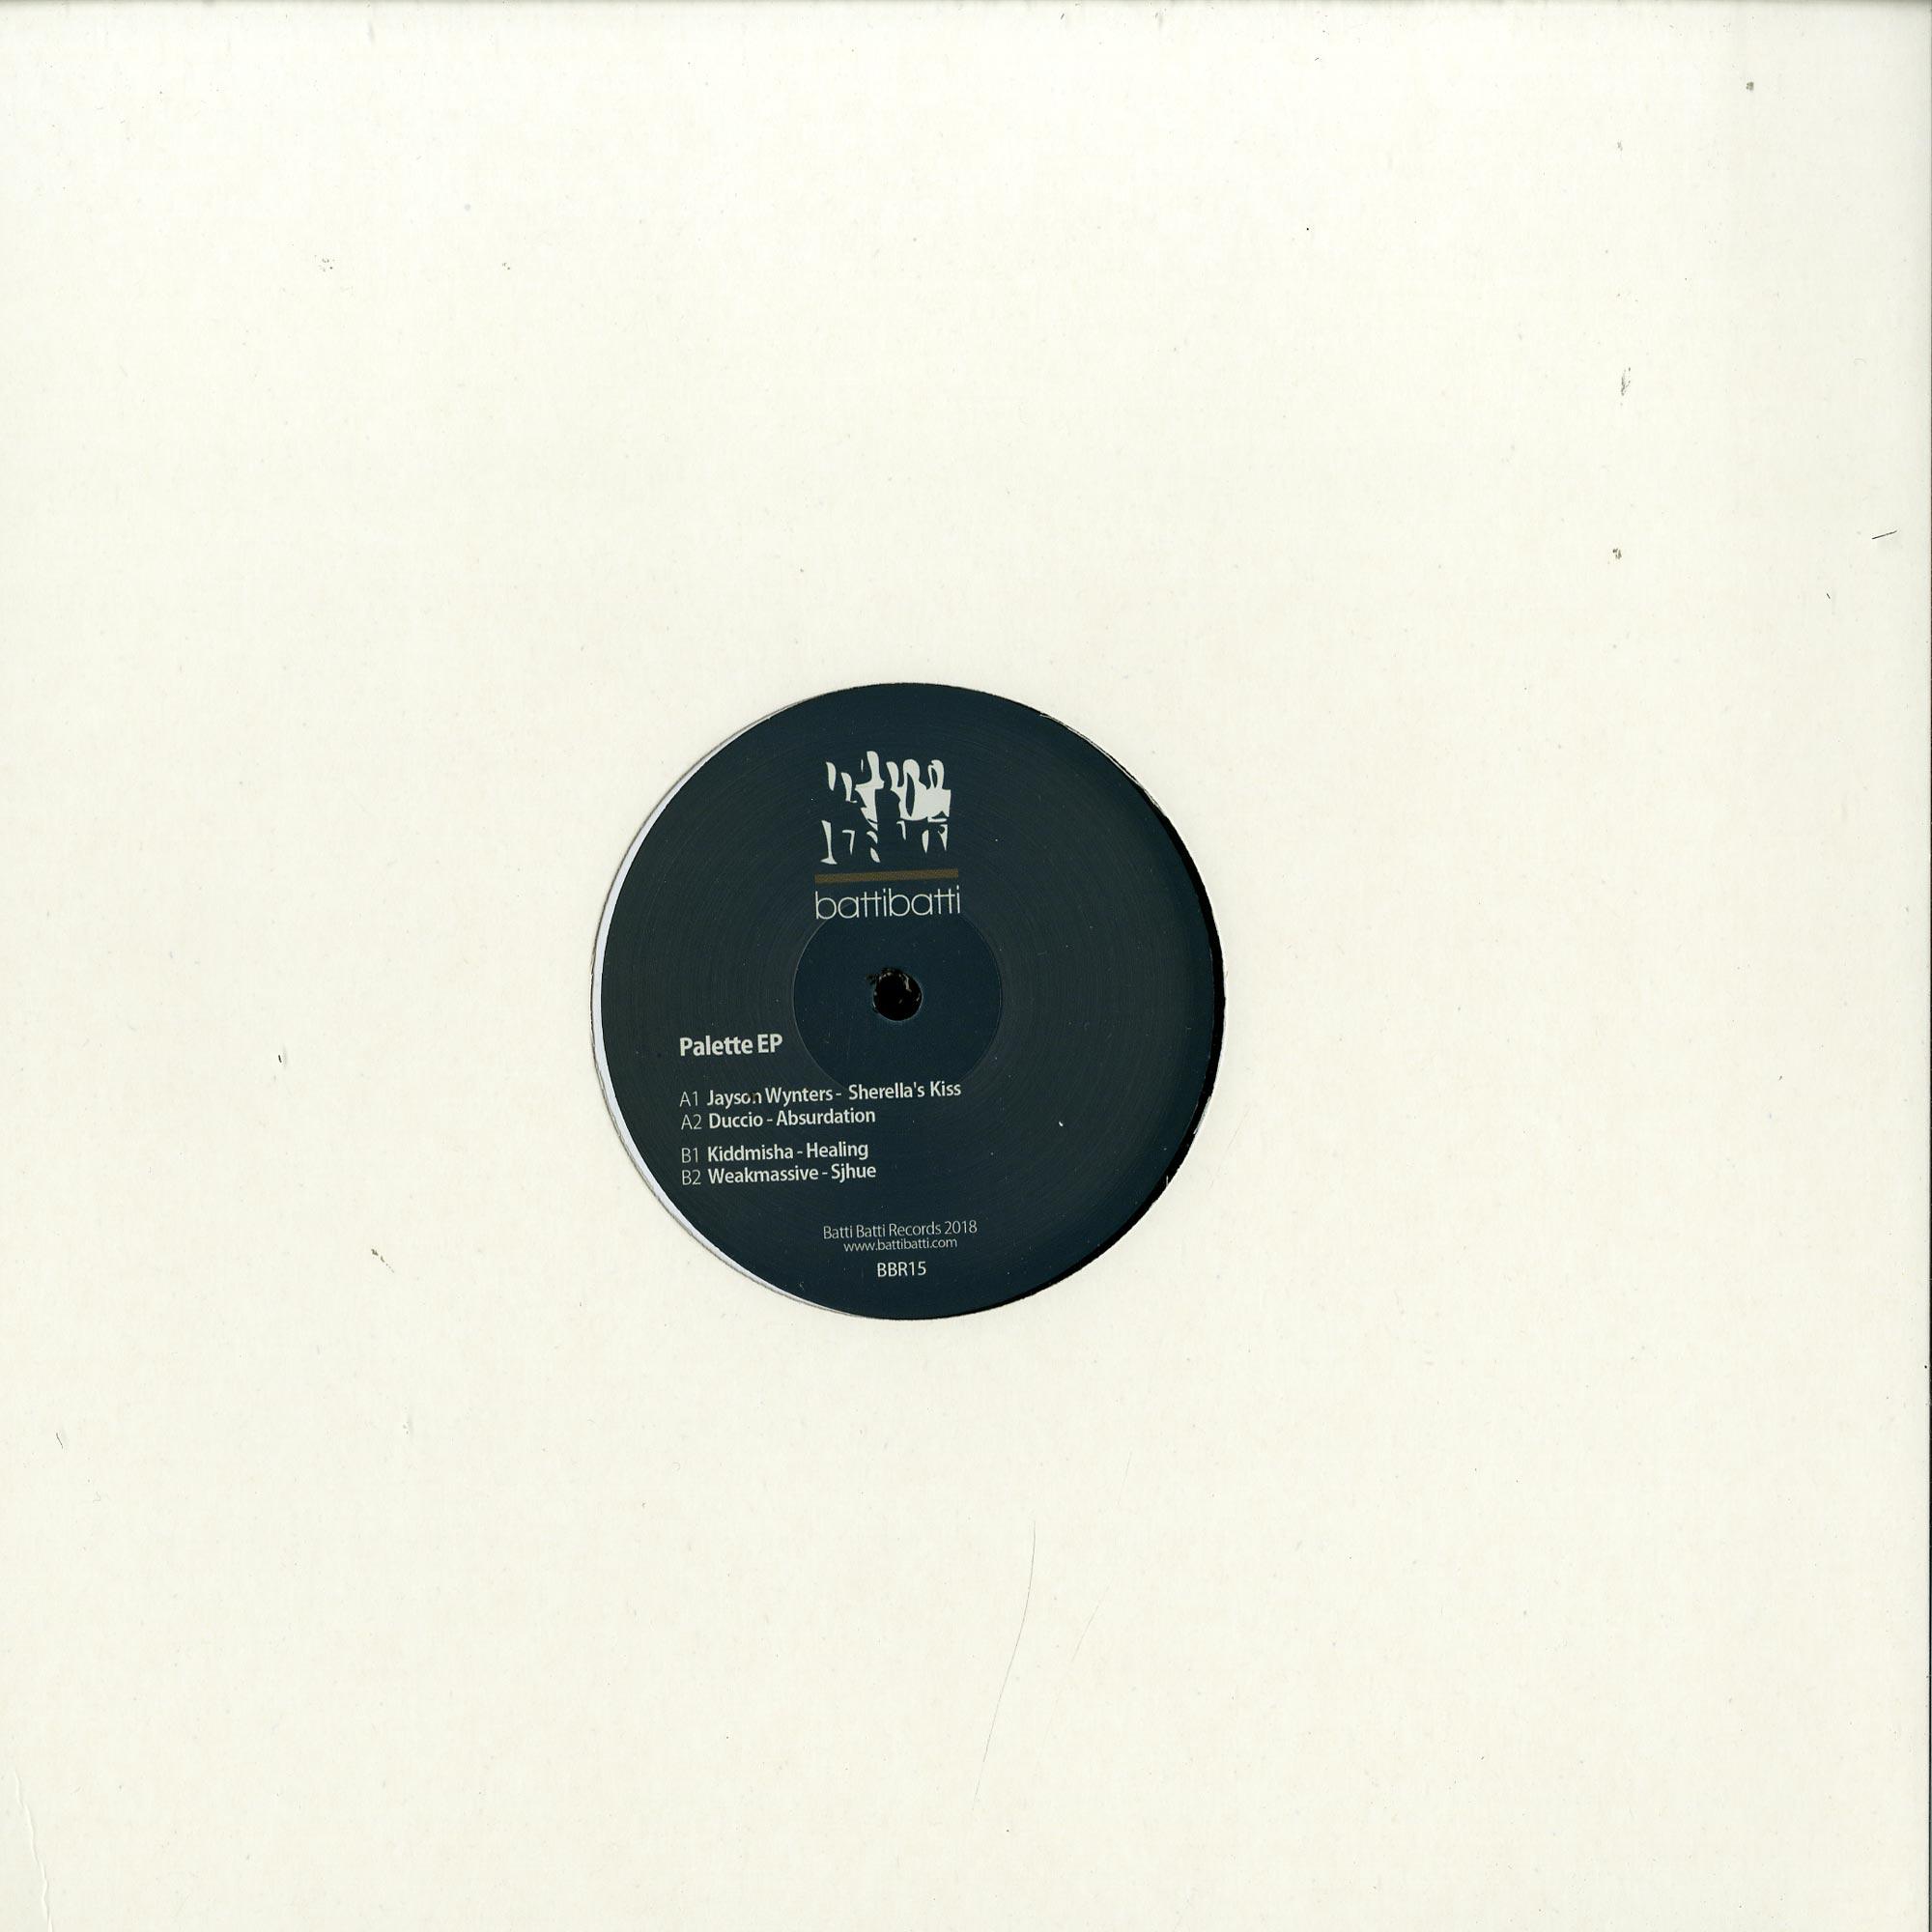 Jayson Wynters / Kiddmisha / Duccio / Weakmassive - PALETTE EP